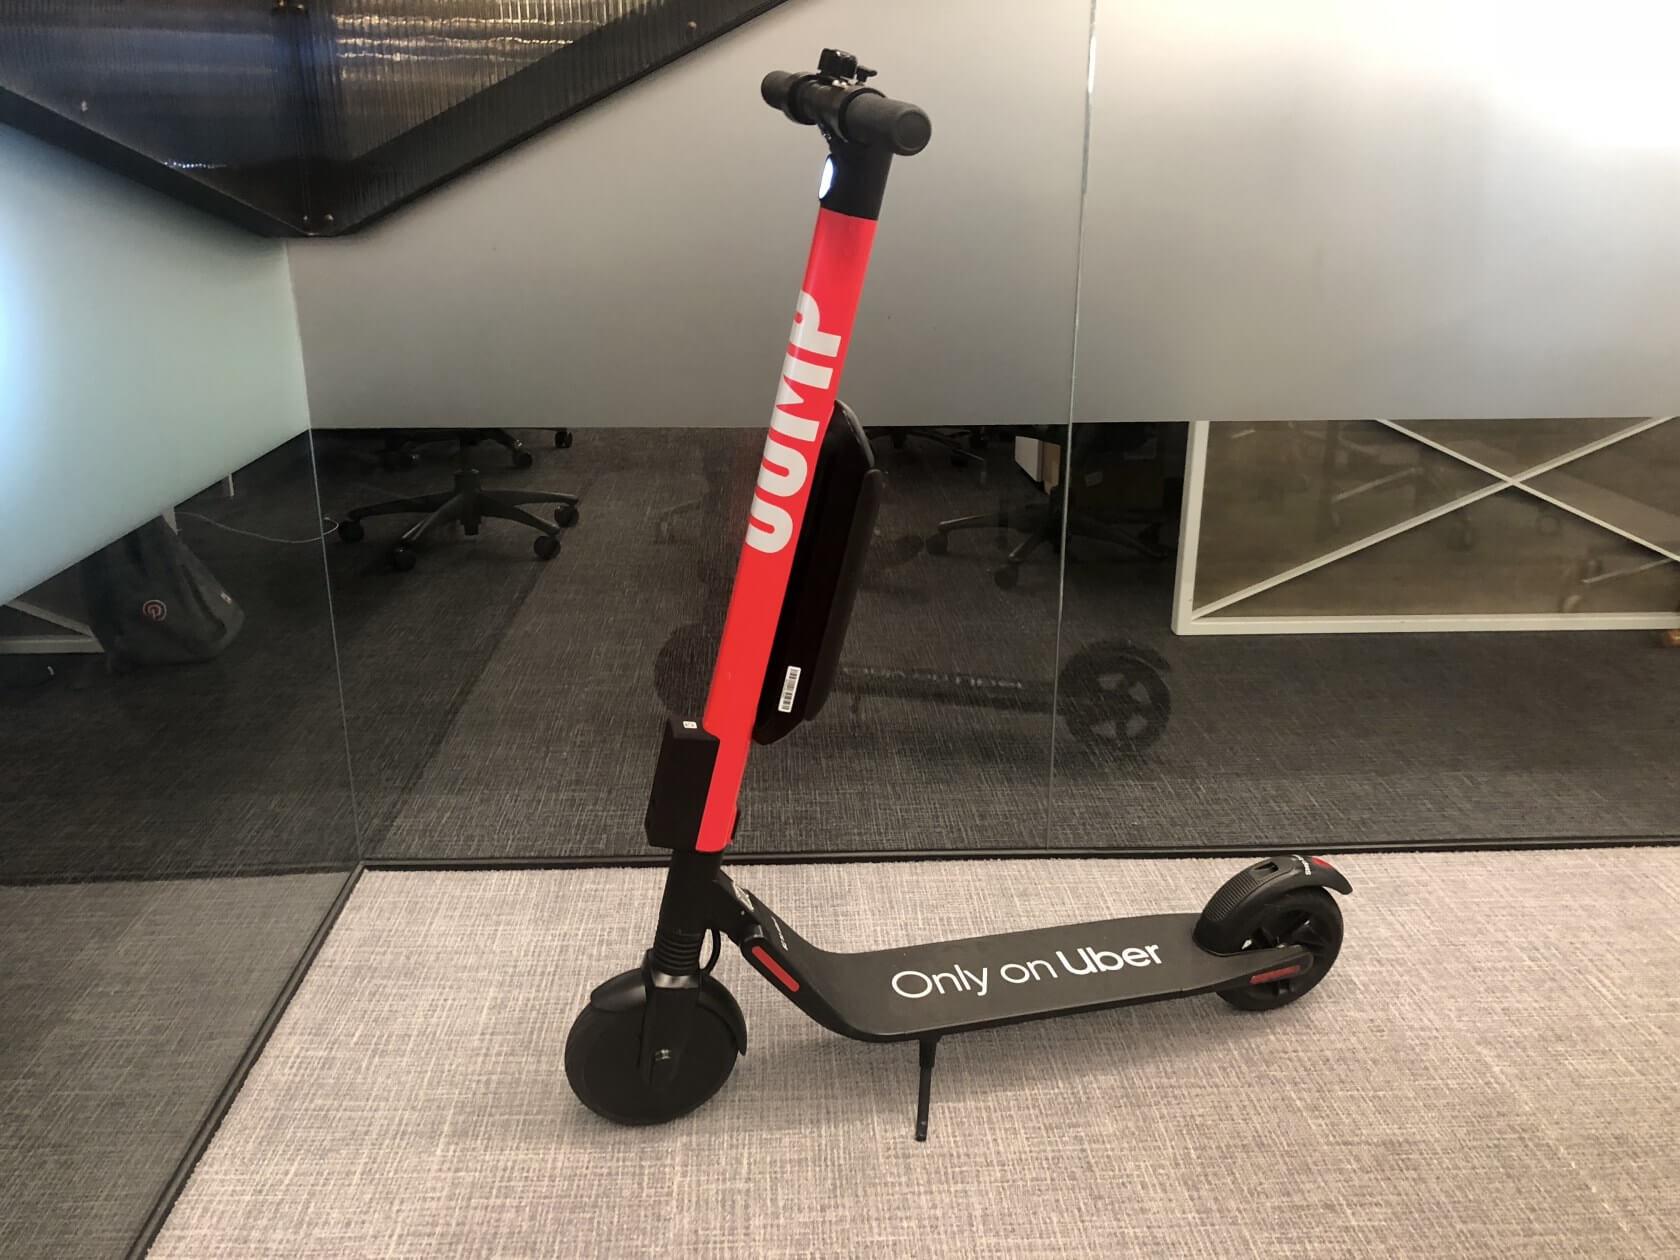 Segway-Ninebot, kendisini şarj istasyonuna götürebilecek bir e-scooter'ı duyurdu 1